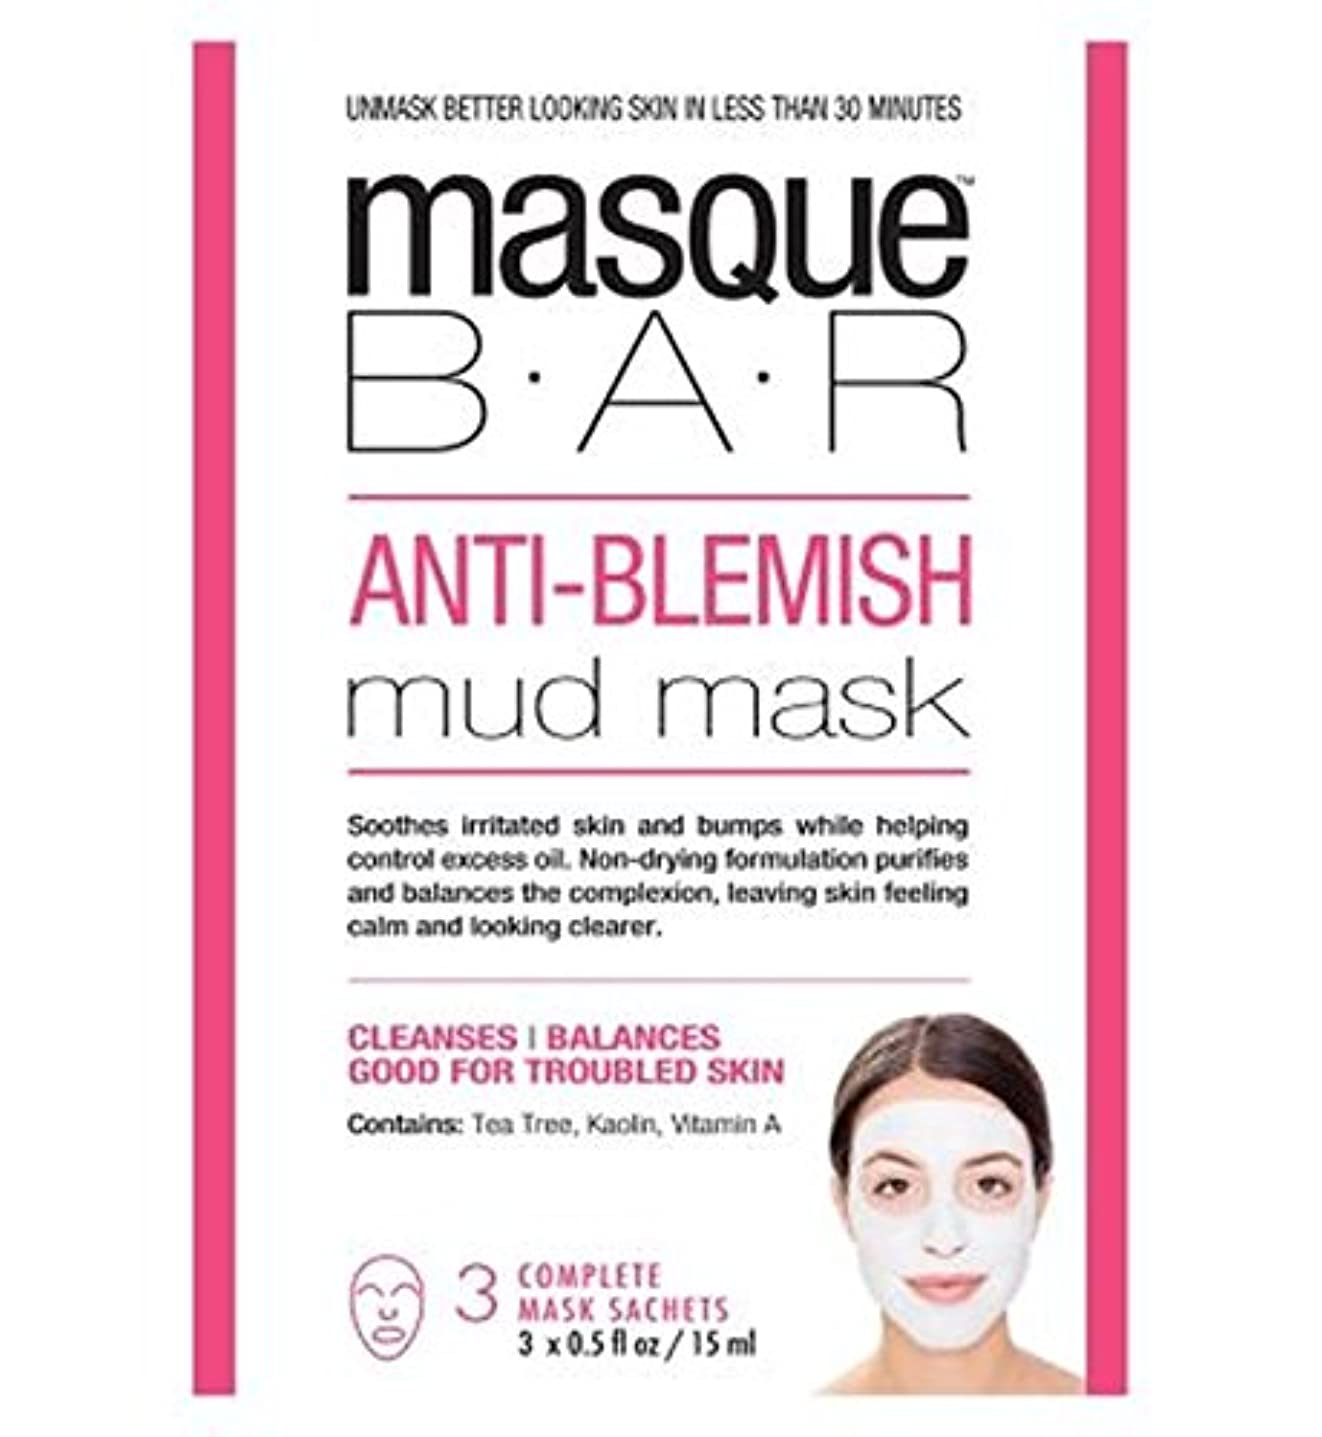 歪める障害者スズメバチ仮面劇バー抗傷泥マスク - 3S (P6B Masque Bar Bt) (x2) - Masque Bar Anti-Blemish Mud Mask - 3s (Pack of 2) [並行輸入品]